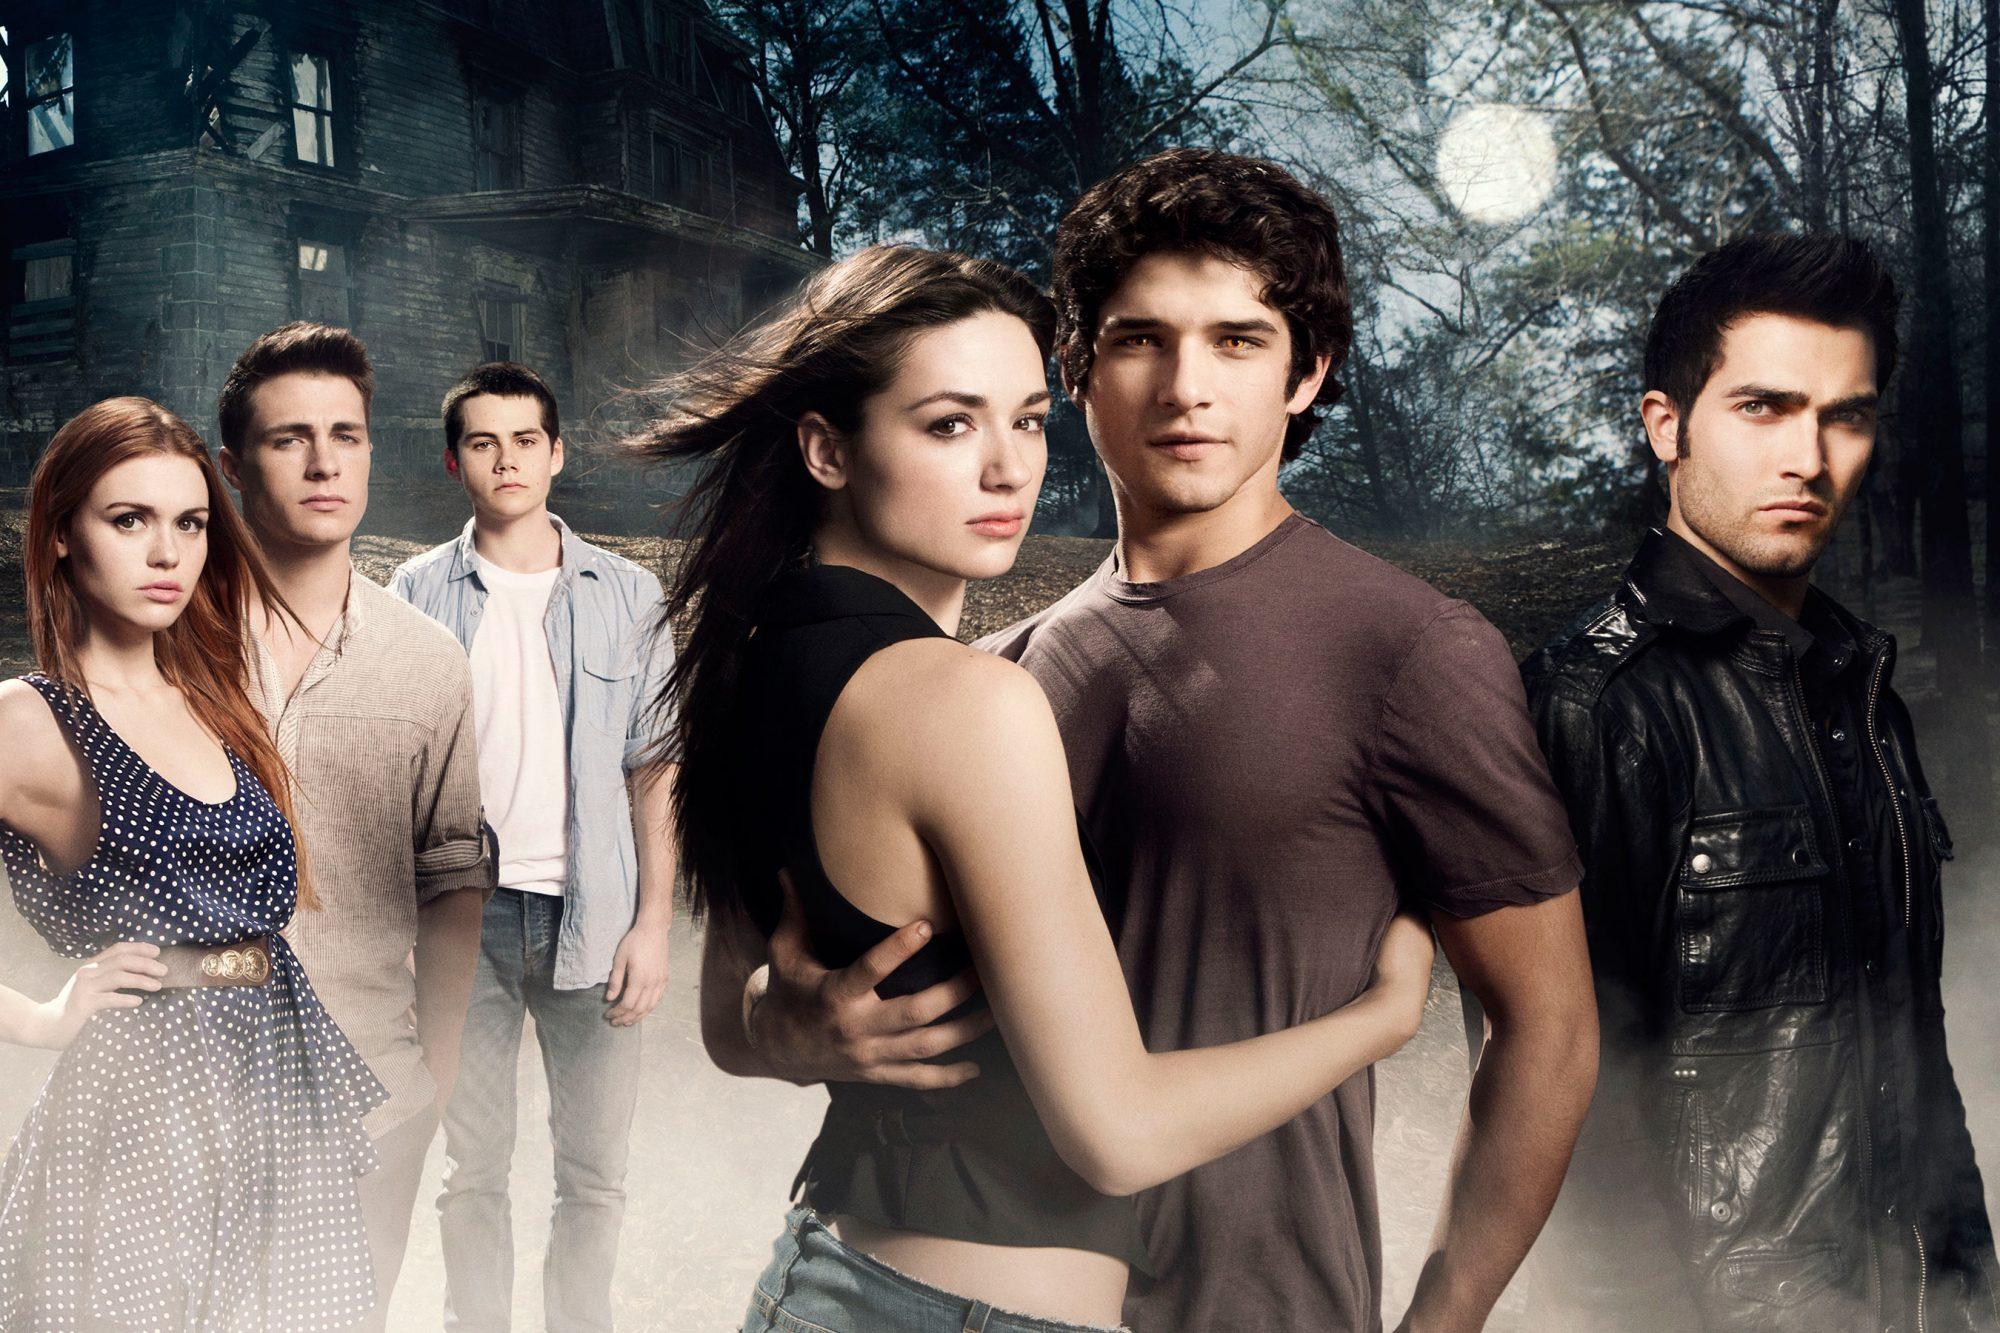 teen_wolf_full_cast.JPG